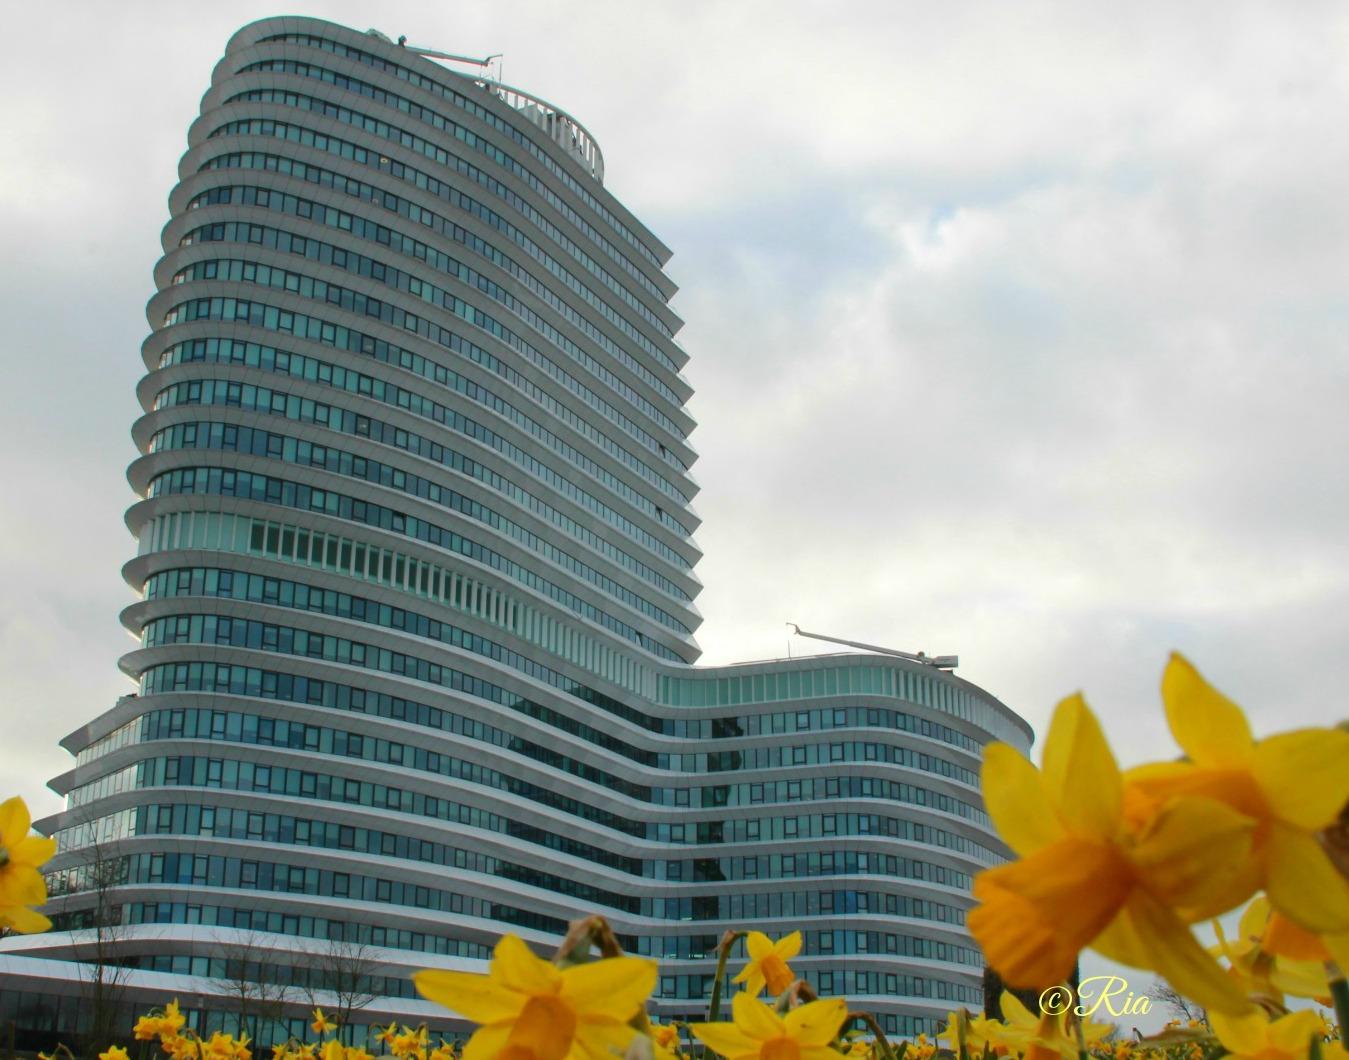 Dit nieuwe gebouw van DUO en de Belastingdienst werd vanwege zijn vorm al snel het Cruise ship genoemd.